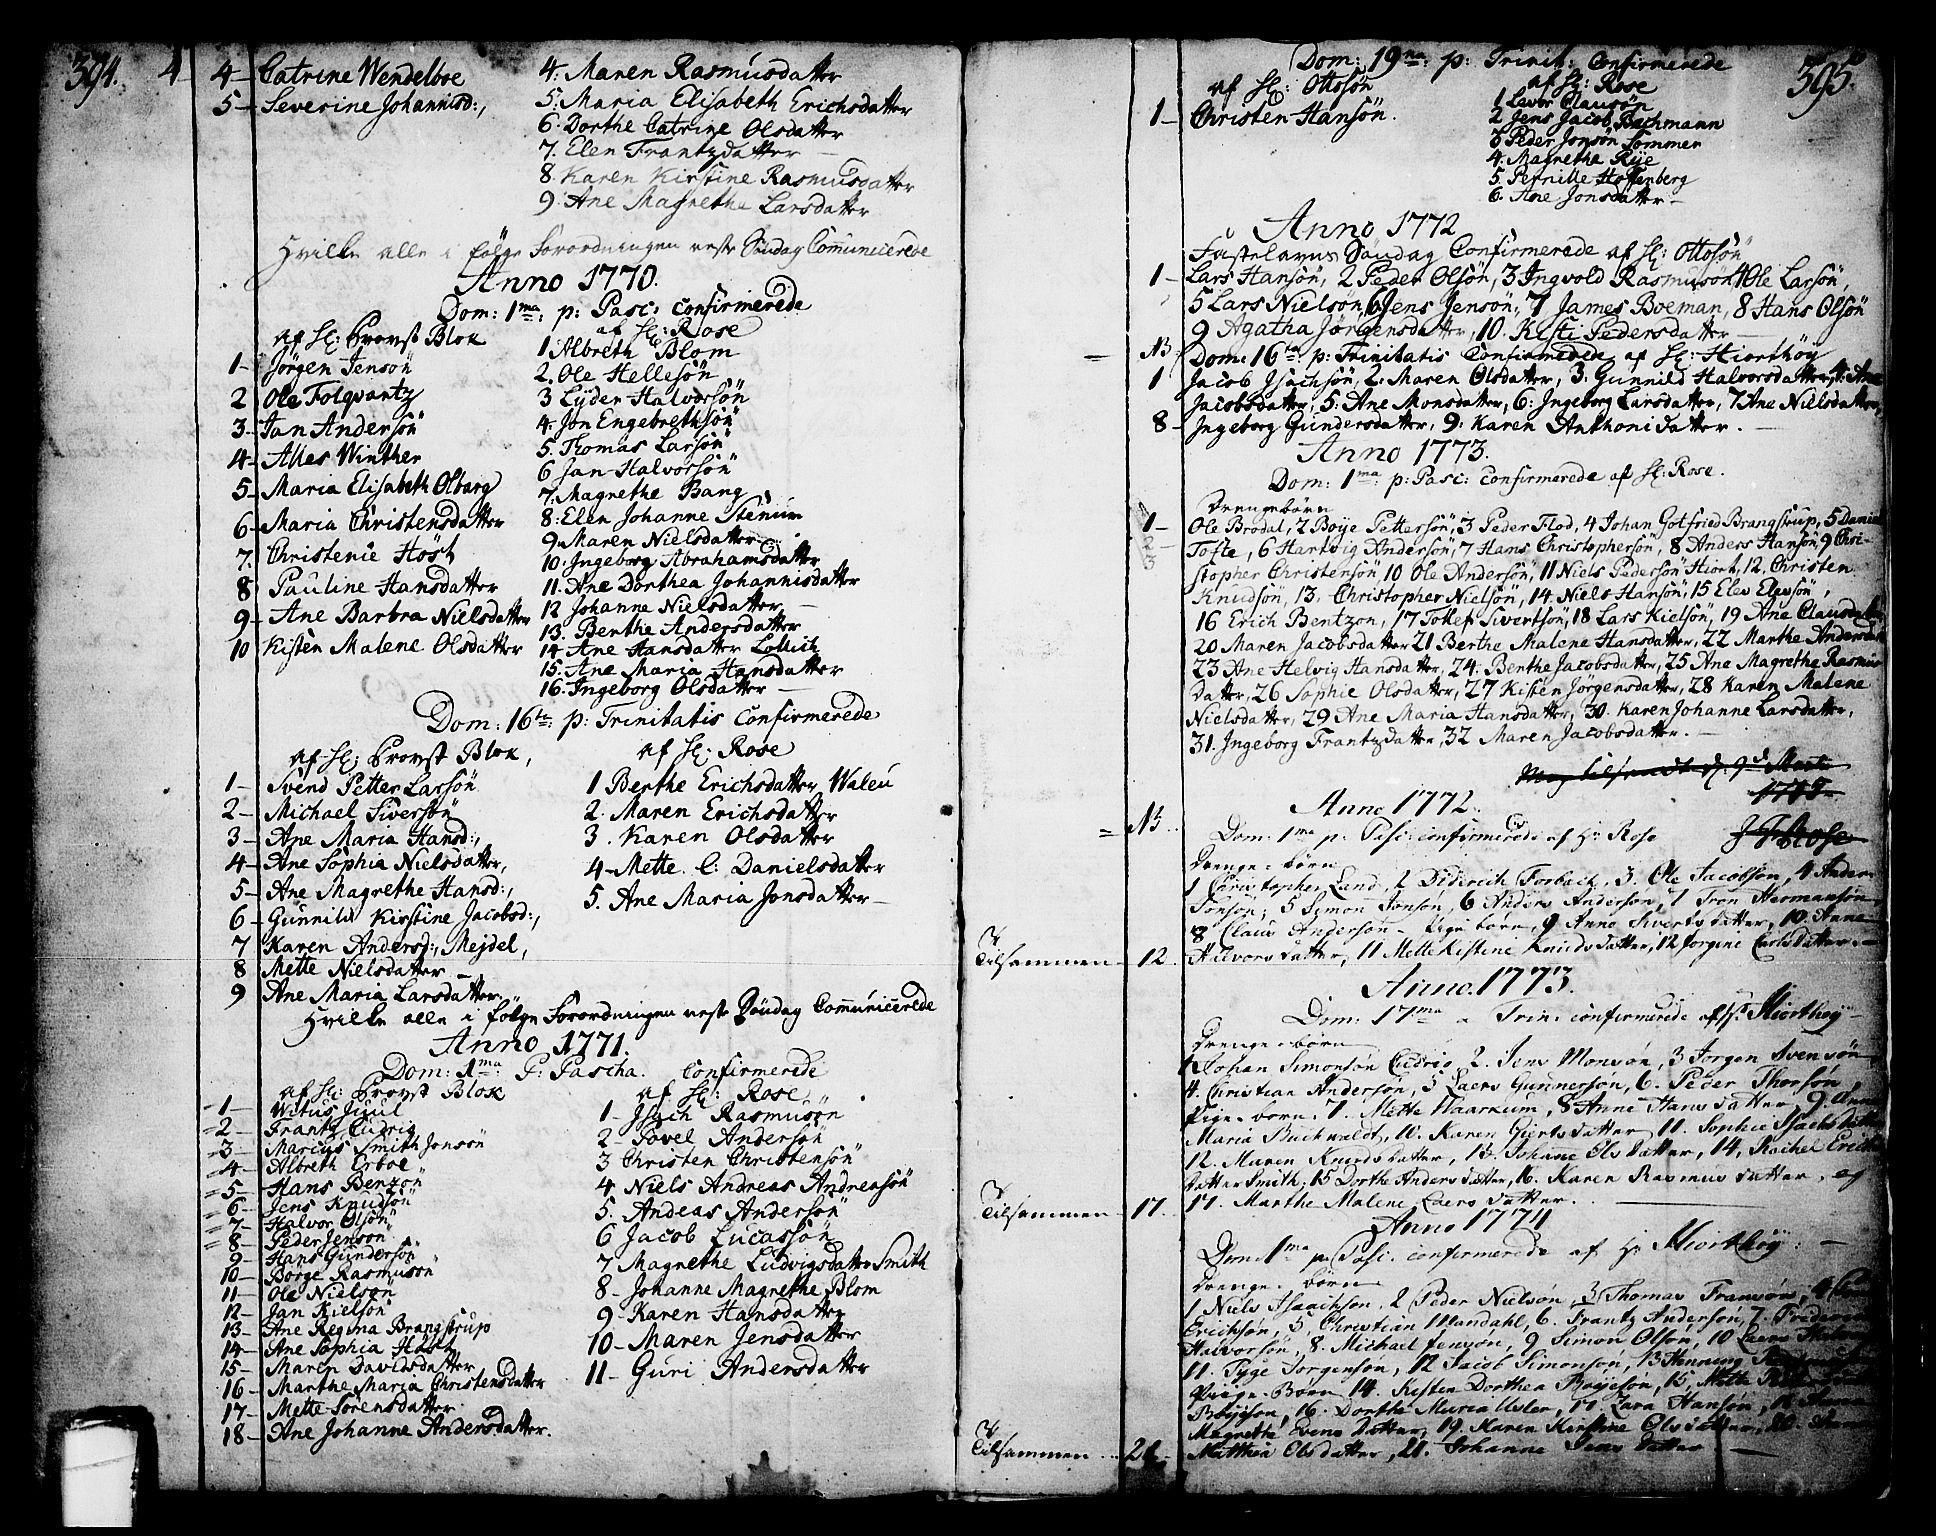 SAKO, Skien kirkebøker, F/Fa/L0003: Ministerialbok nr. 3, 1755-1791, s. 394-395